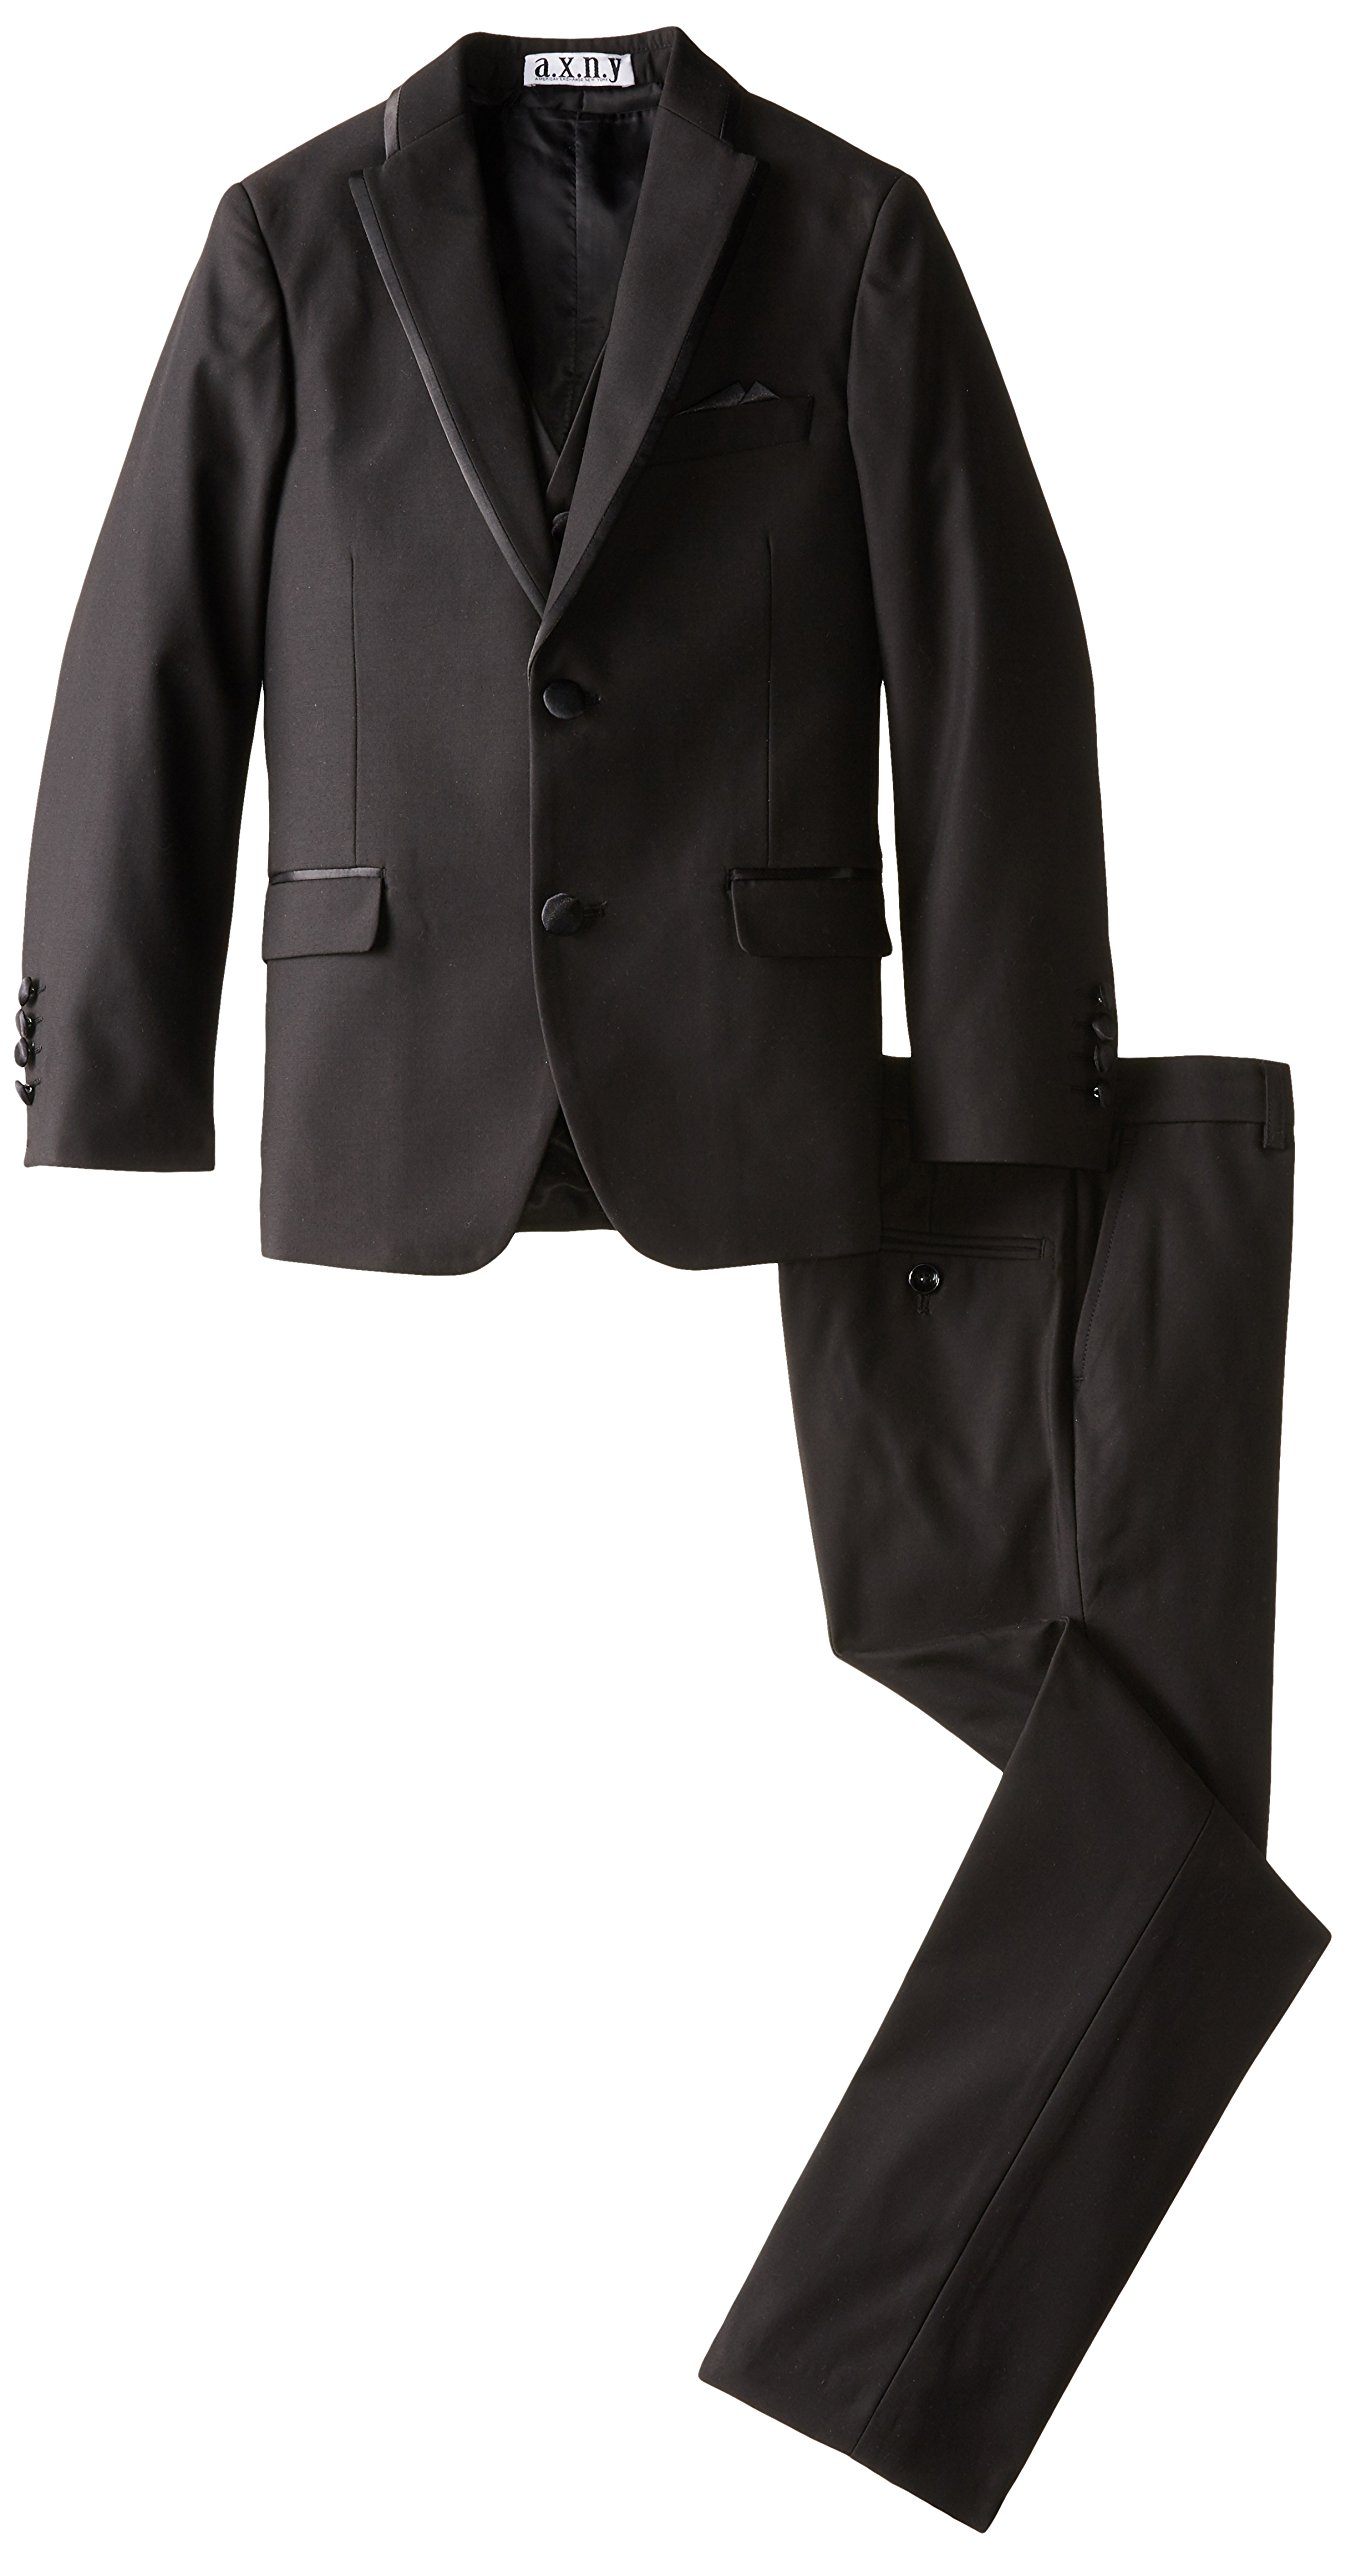 a.x.n.y Big Boys' Boys Tailored 3 Piece Tuxedo, Black, 18